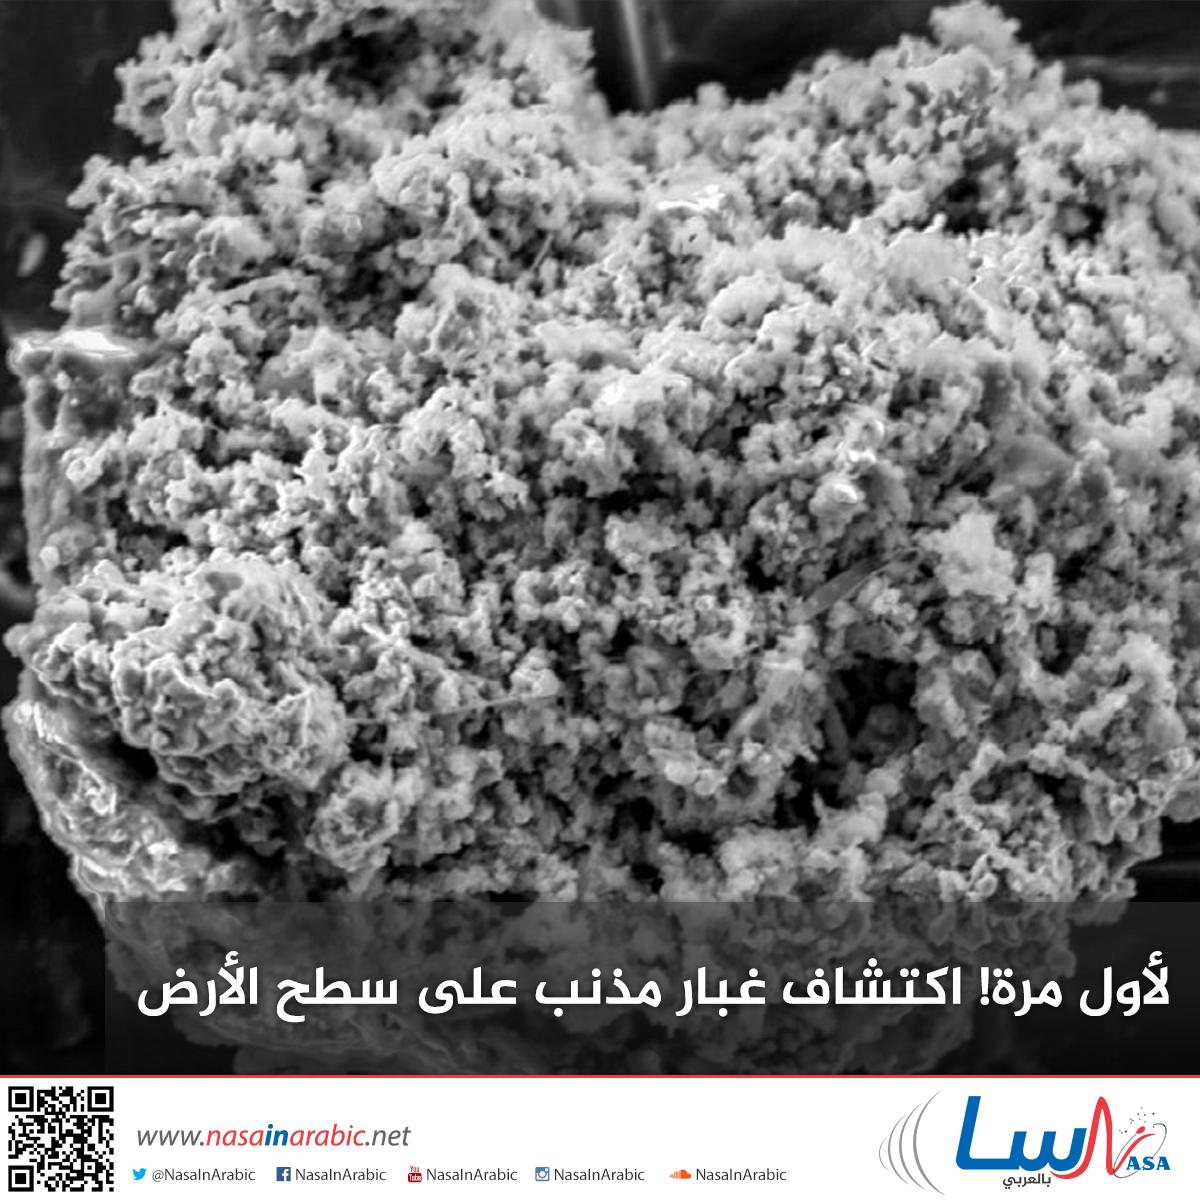 لأول مرة! اكتشاف غبار مذنب على سطح الأرض